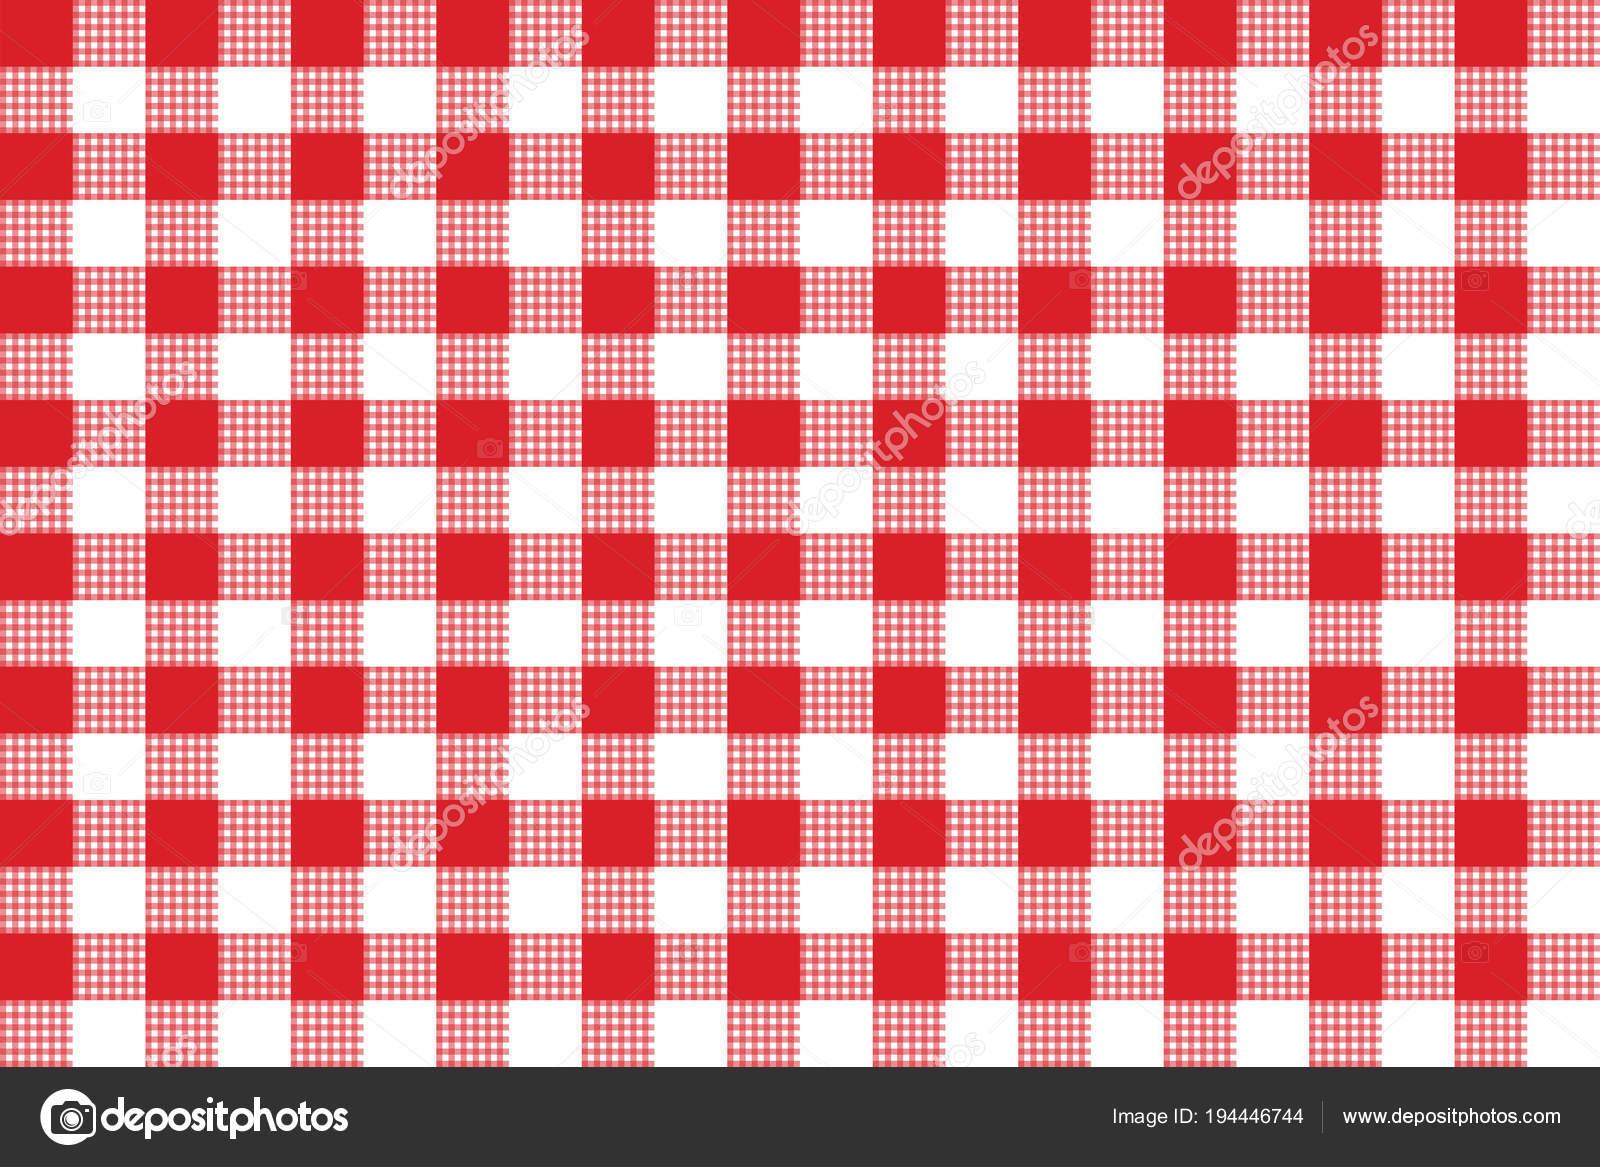 018a11c6d4b Κόκκινο καρό μοτίβο άνευ ραφής. Υφή από ρόμβος/τετράγωνα για — Διάνυσμα με  ...